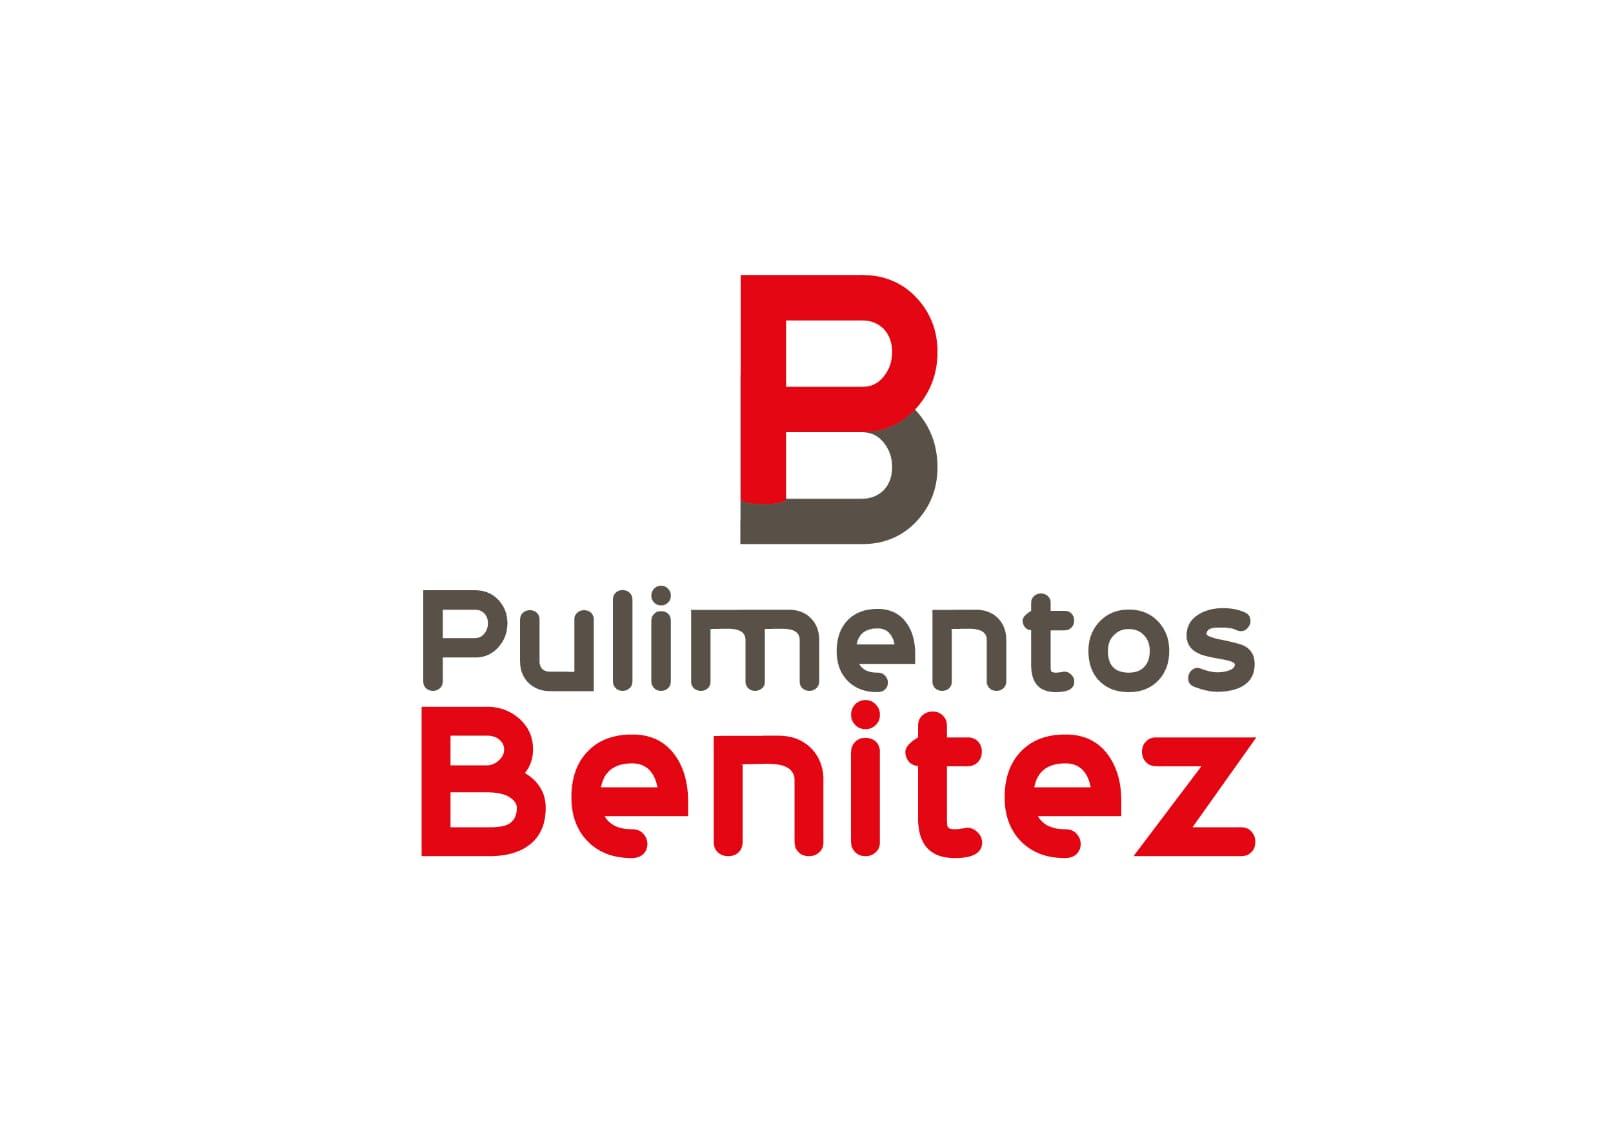 PULIMENTOS BENITEZ